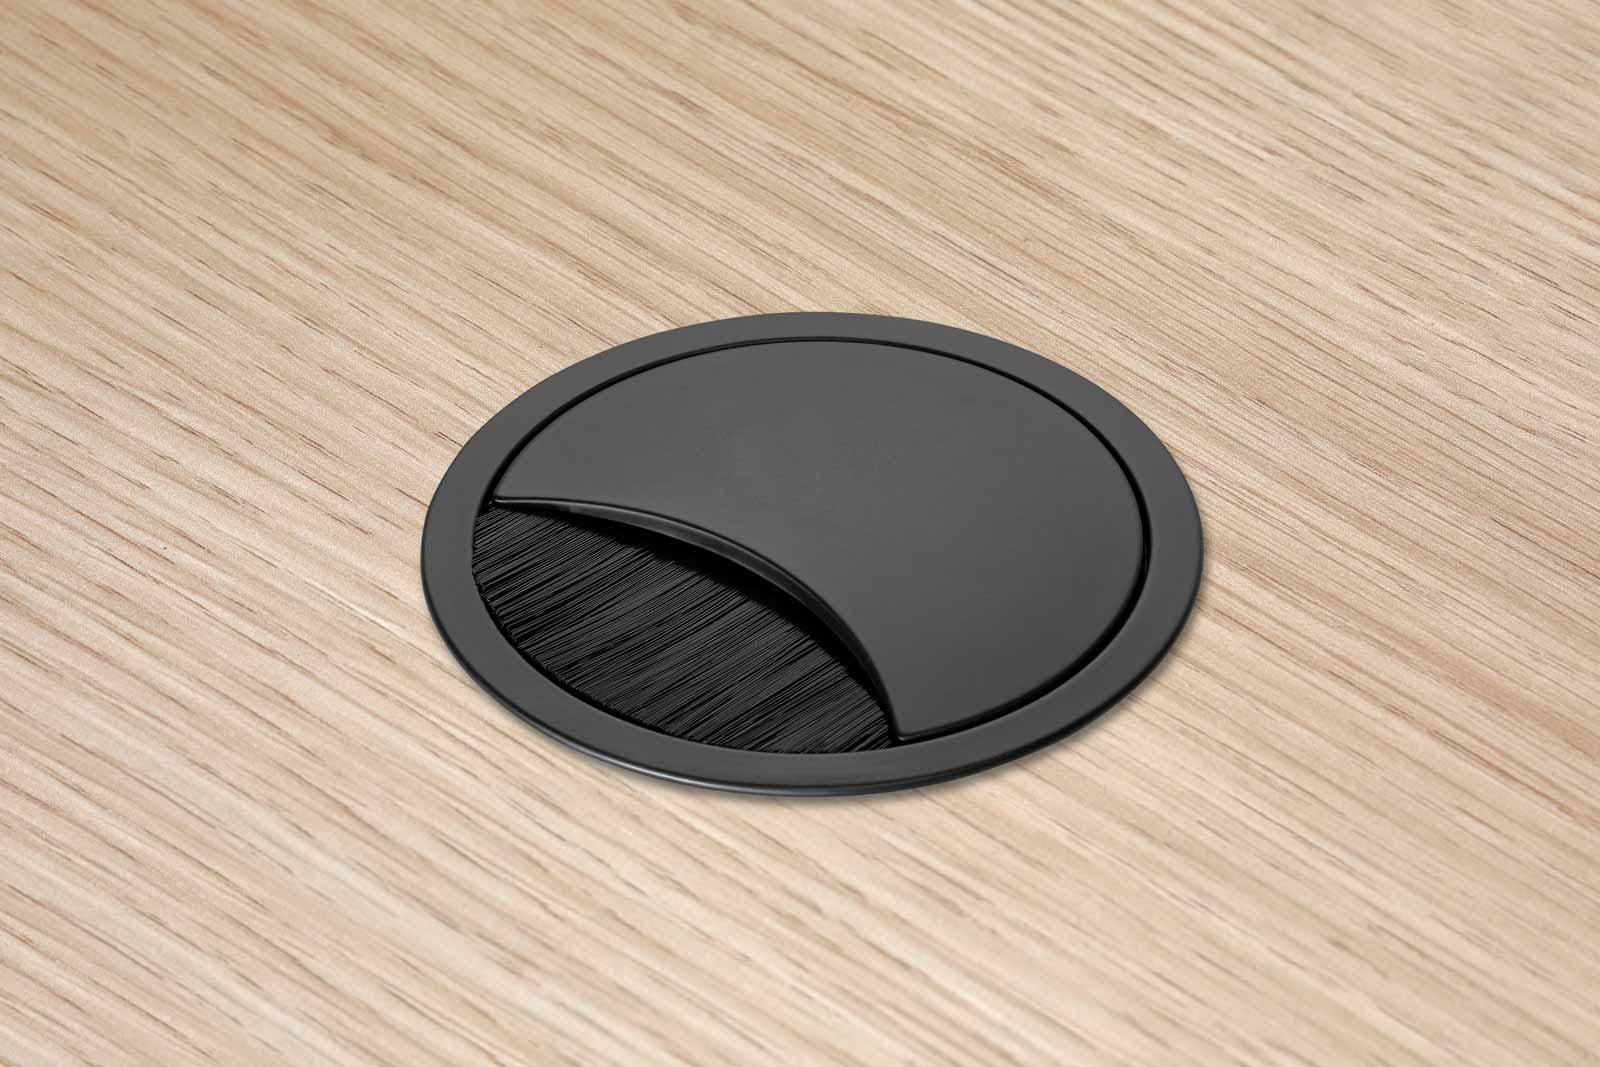 Eisnhauer Kabeldose schwarz Tischplatte